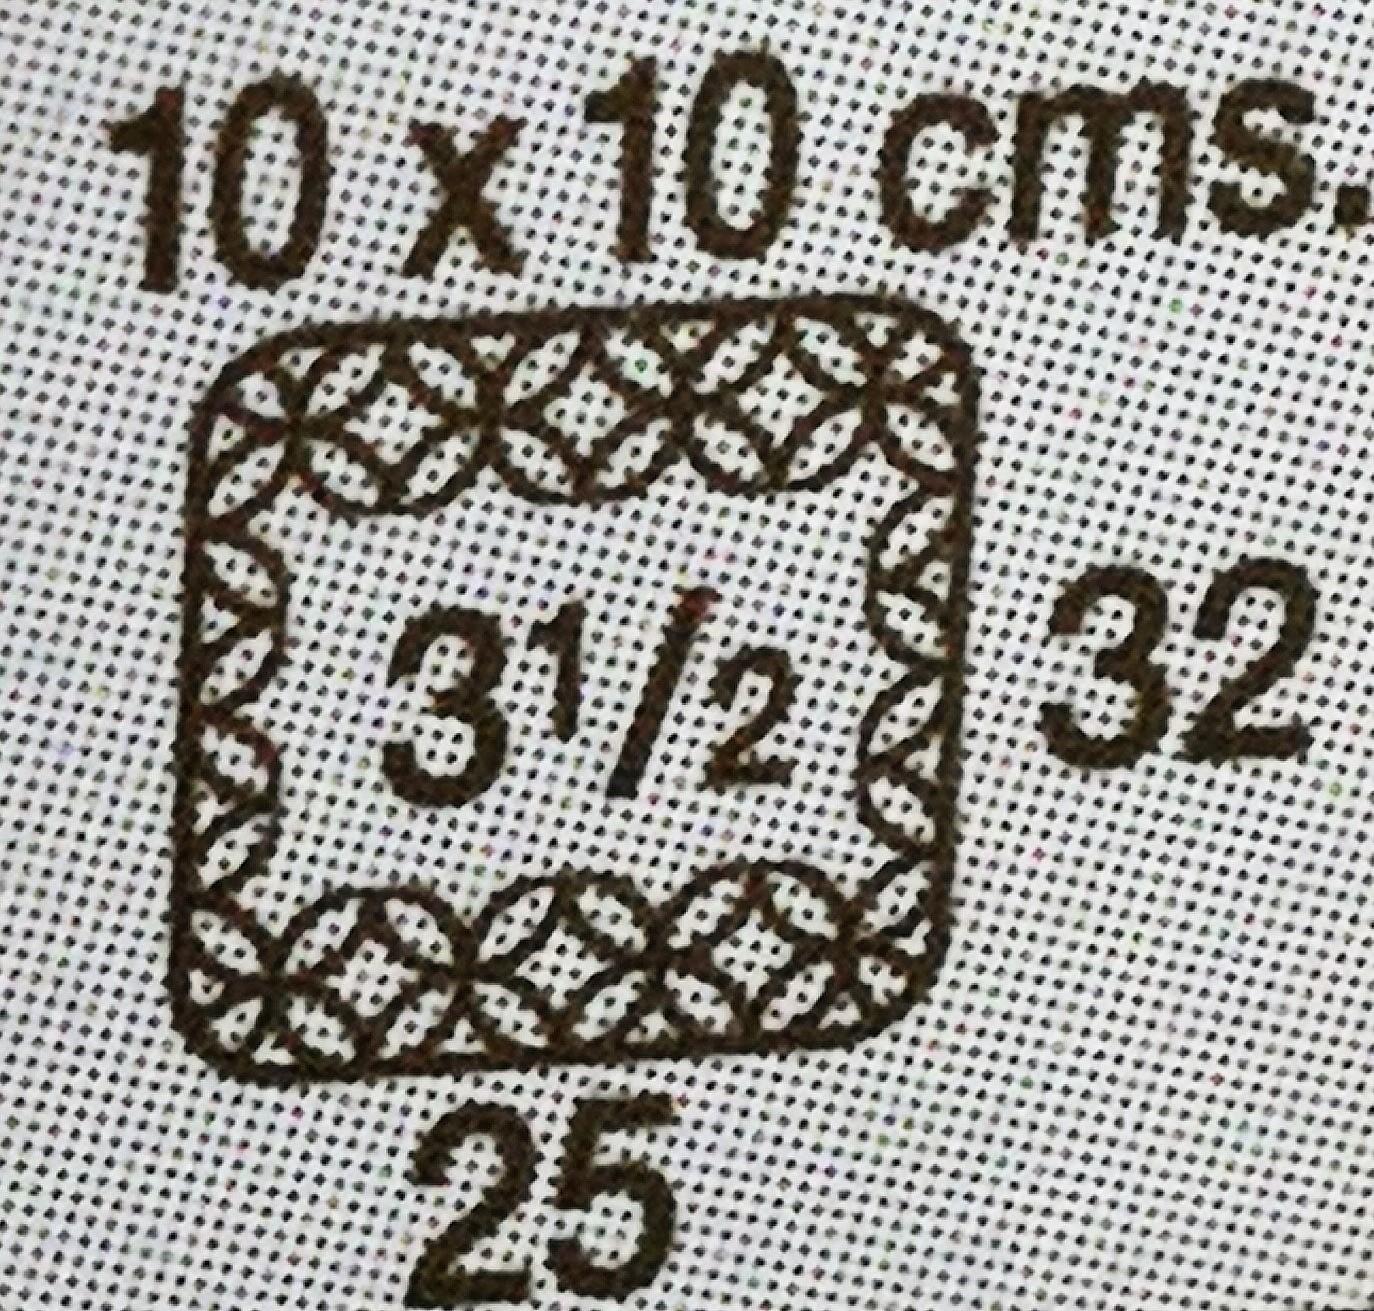 etiqueta de lana tensión de puntos de crochet